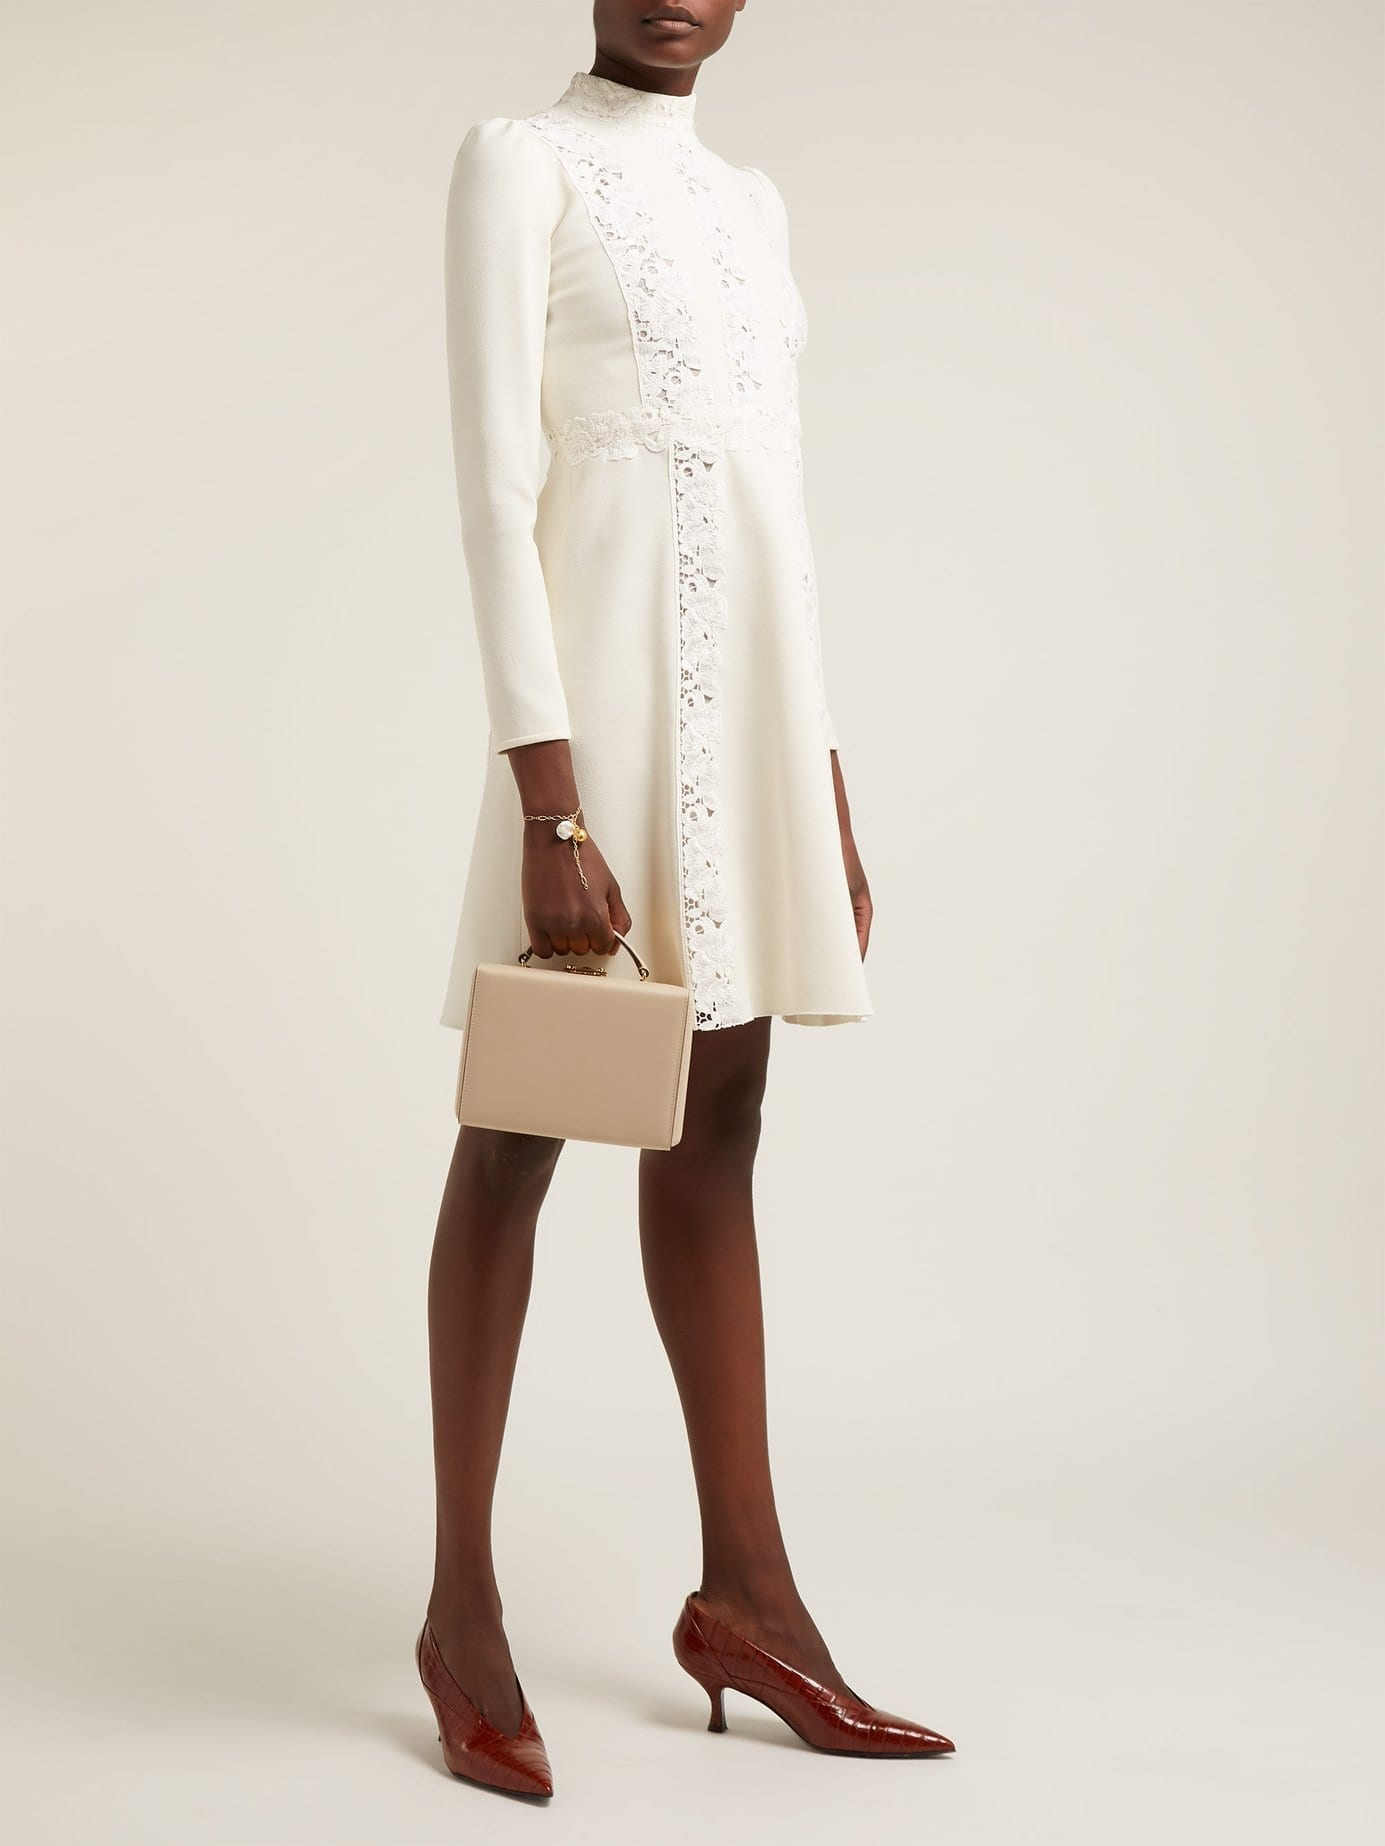 GIAMBATTISTA VALLI Lace Insert Cady White Dress